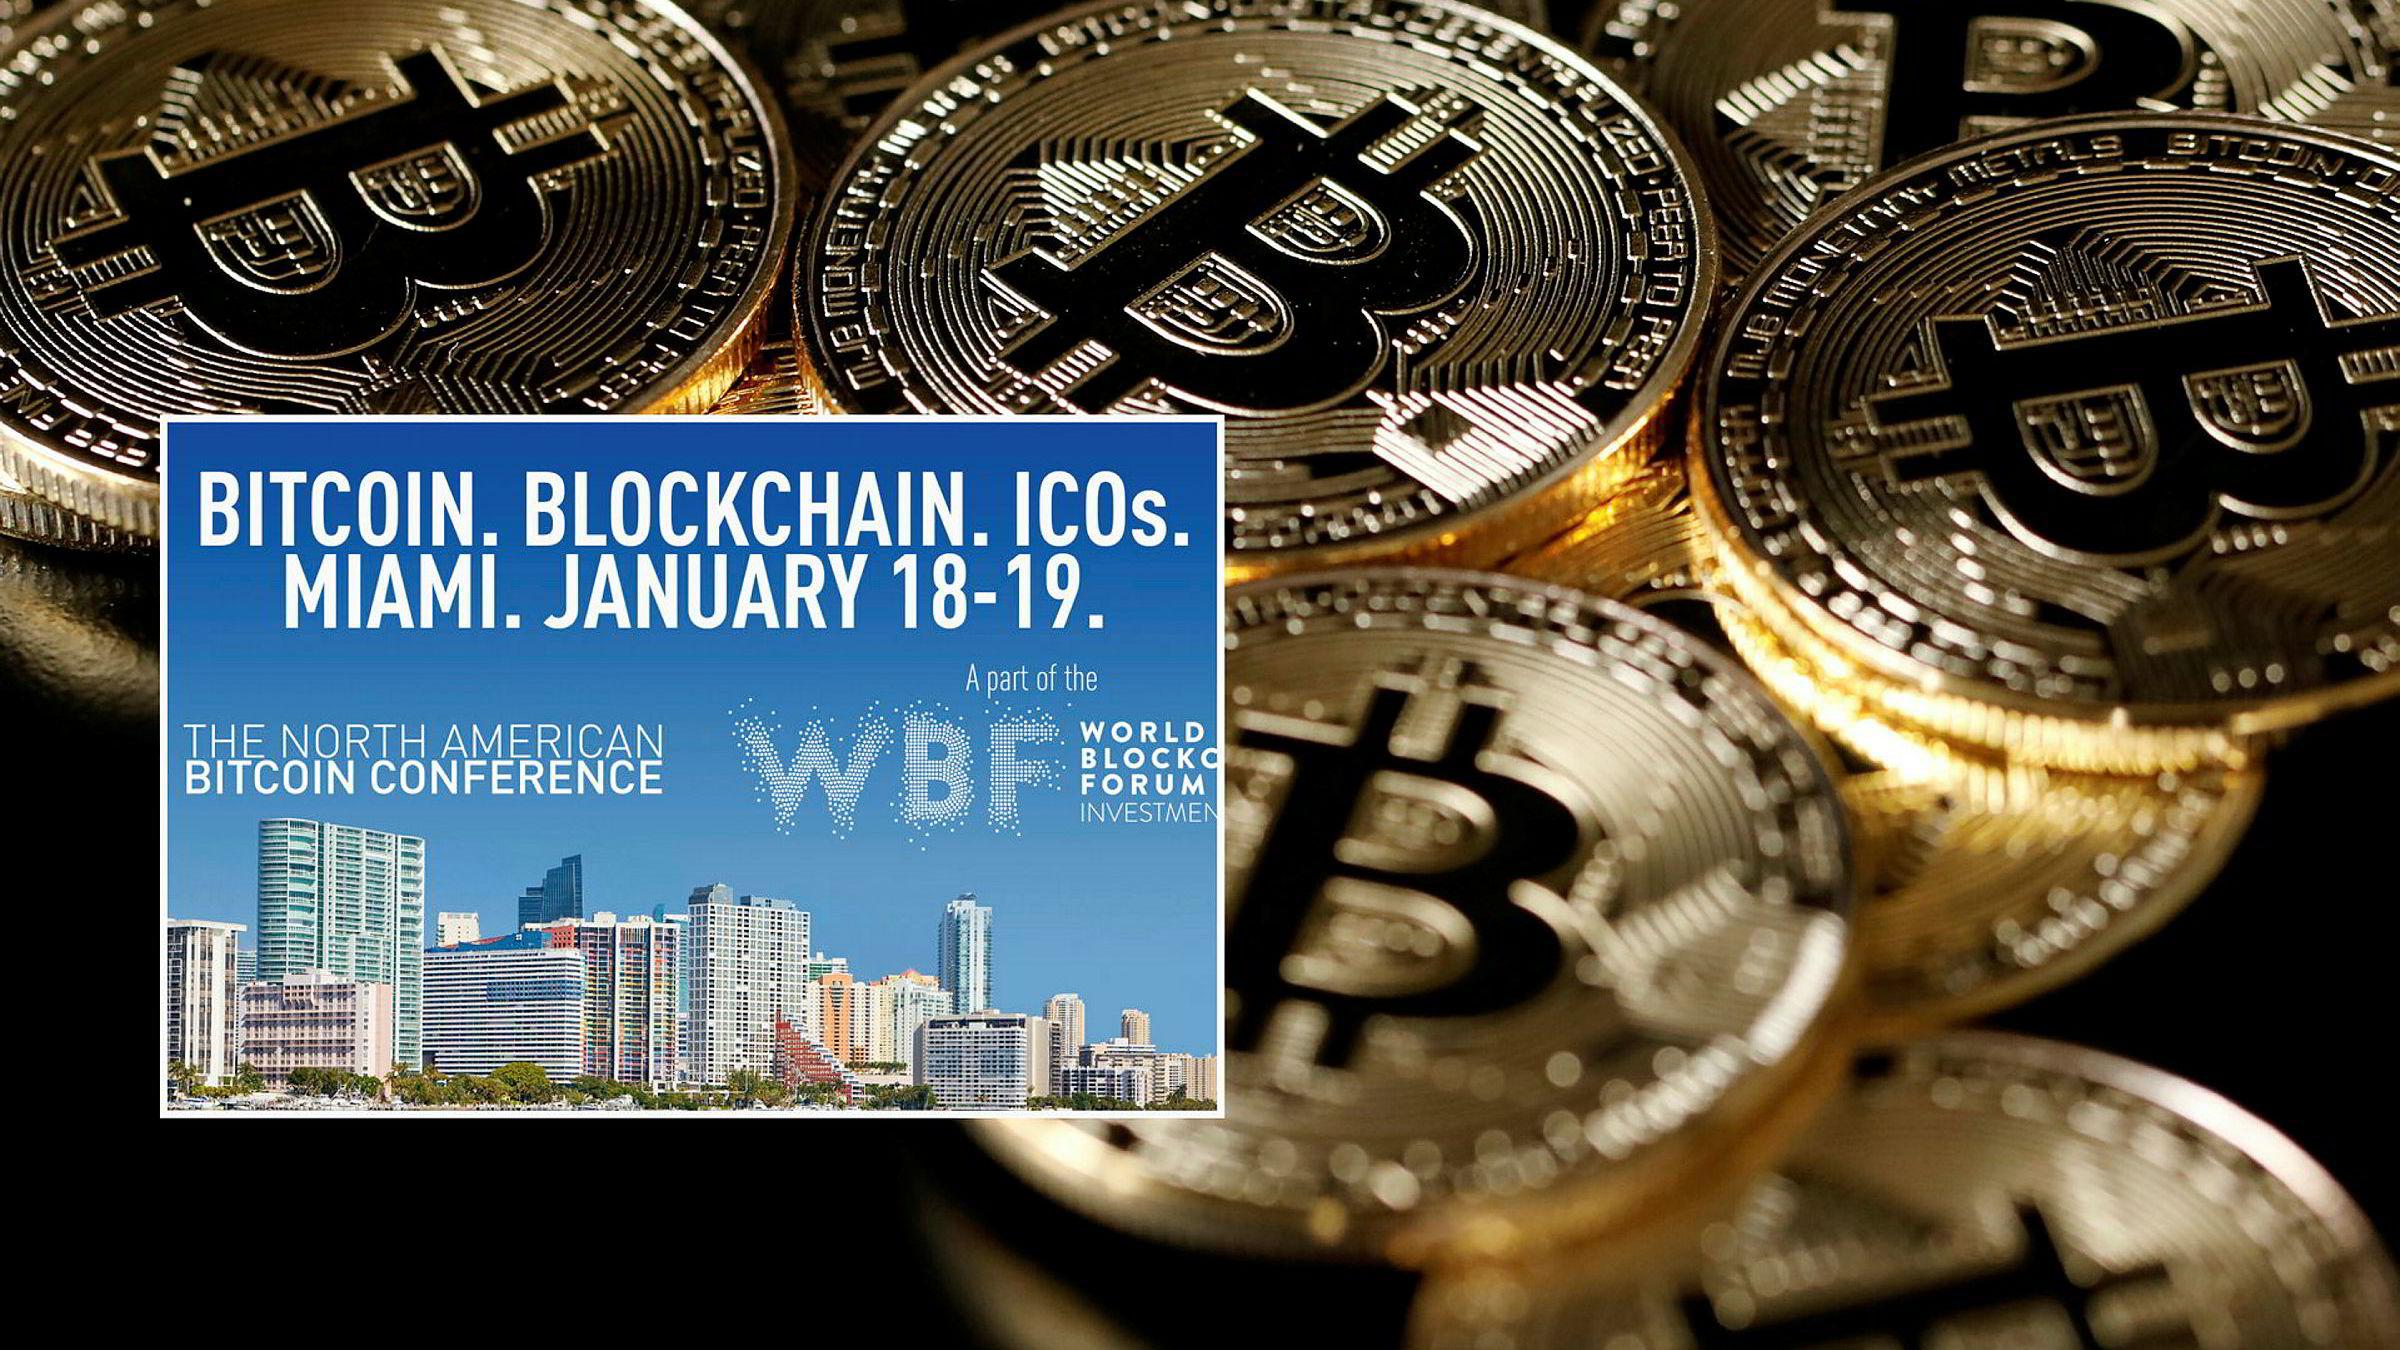 Opphoping av transaksjoner forhindrer en gigantisk bitcoin-konferanse i Miami i å ta betalt i kryptovaluta.